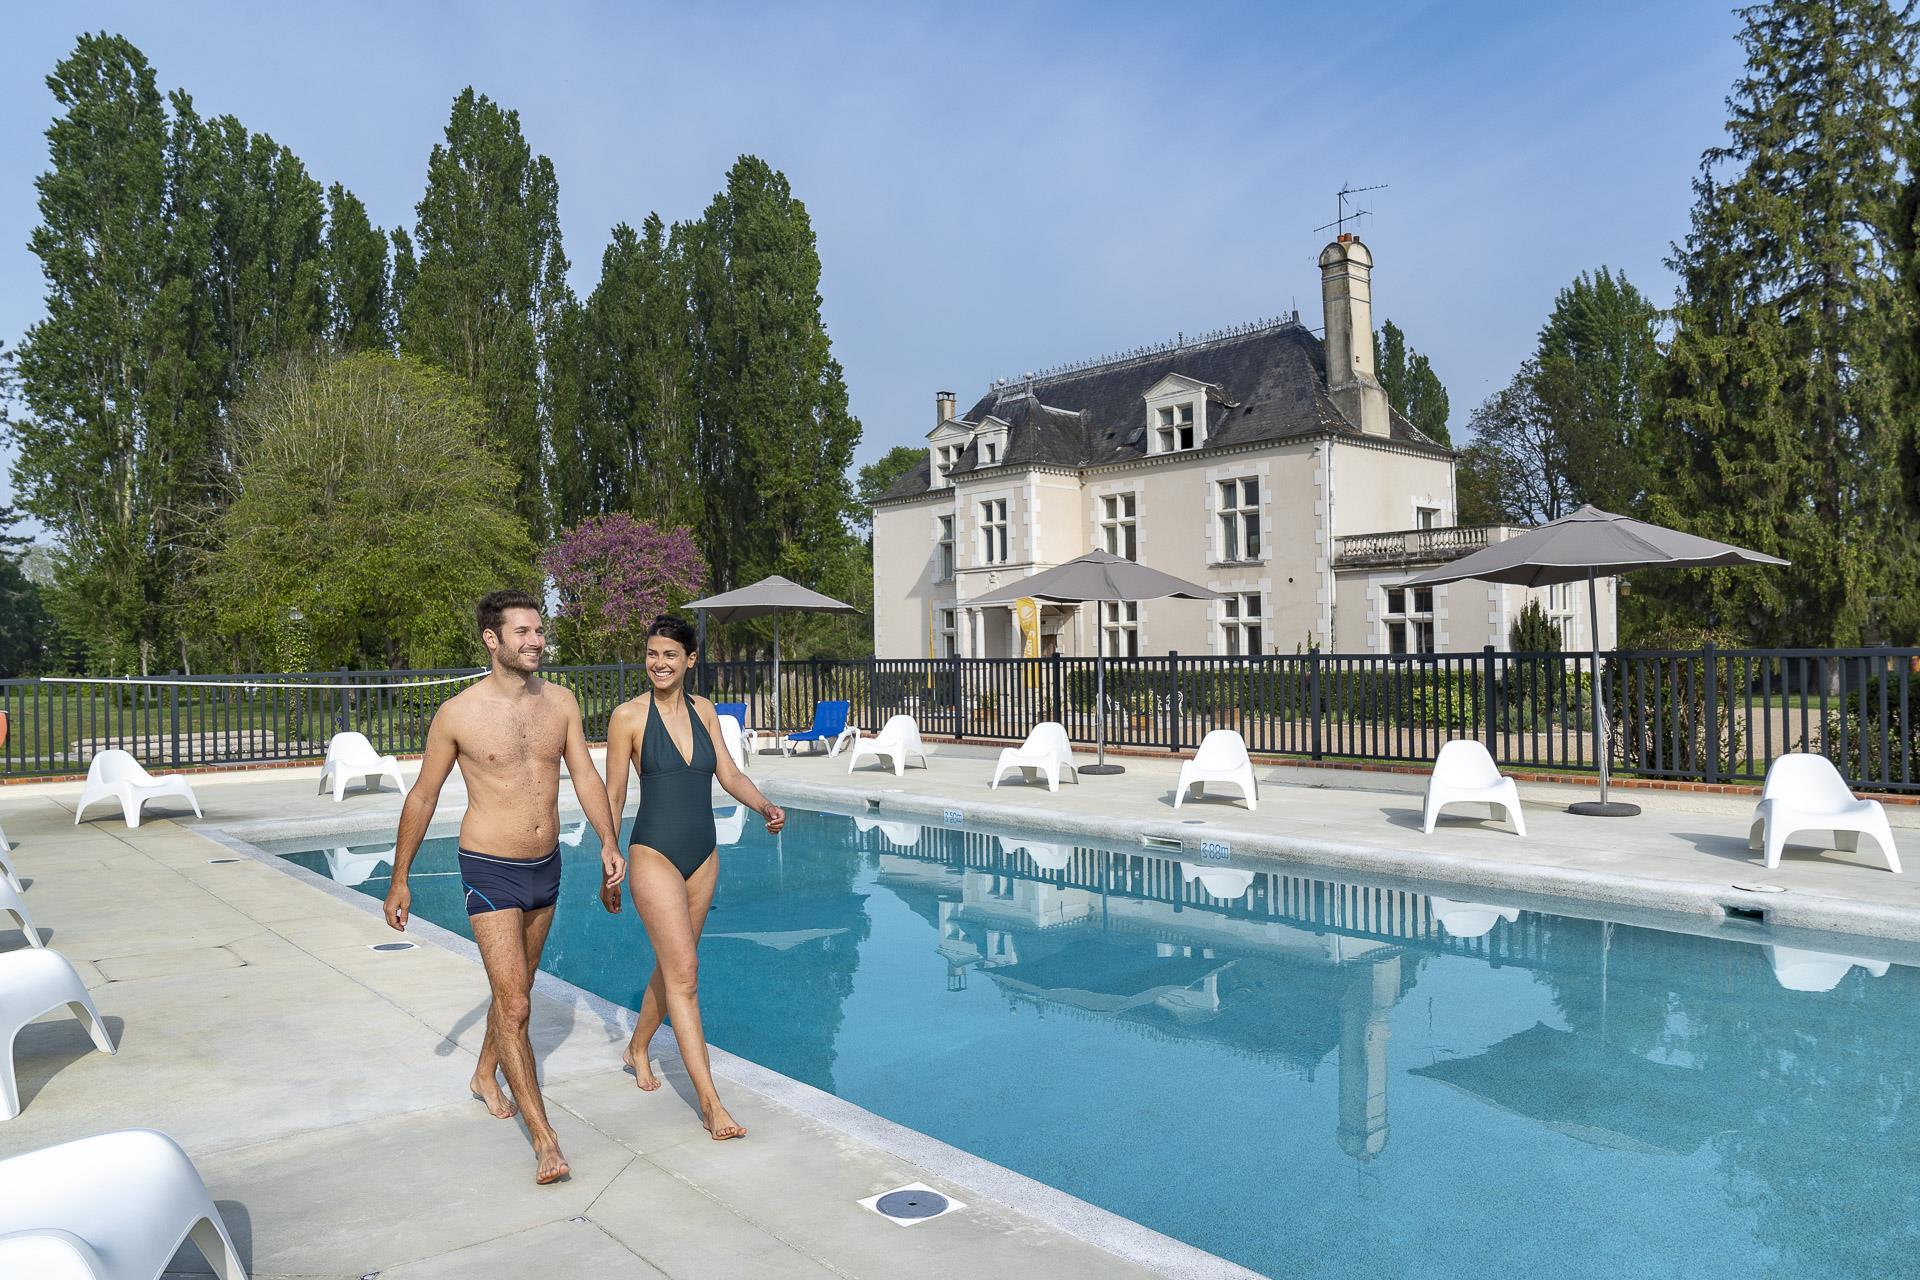 Camping Chateau des Marais, Muides-sur-Loire, Loir-et-Cher